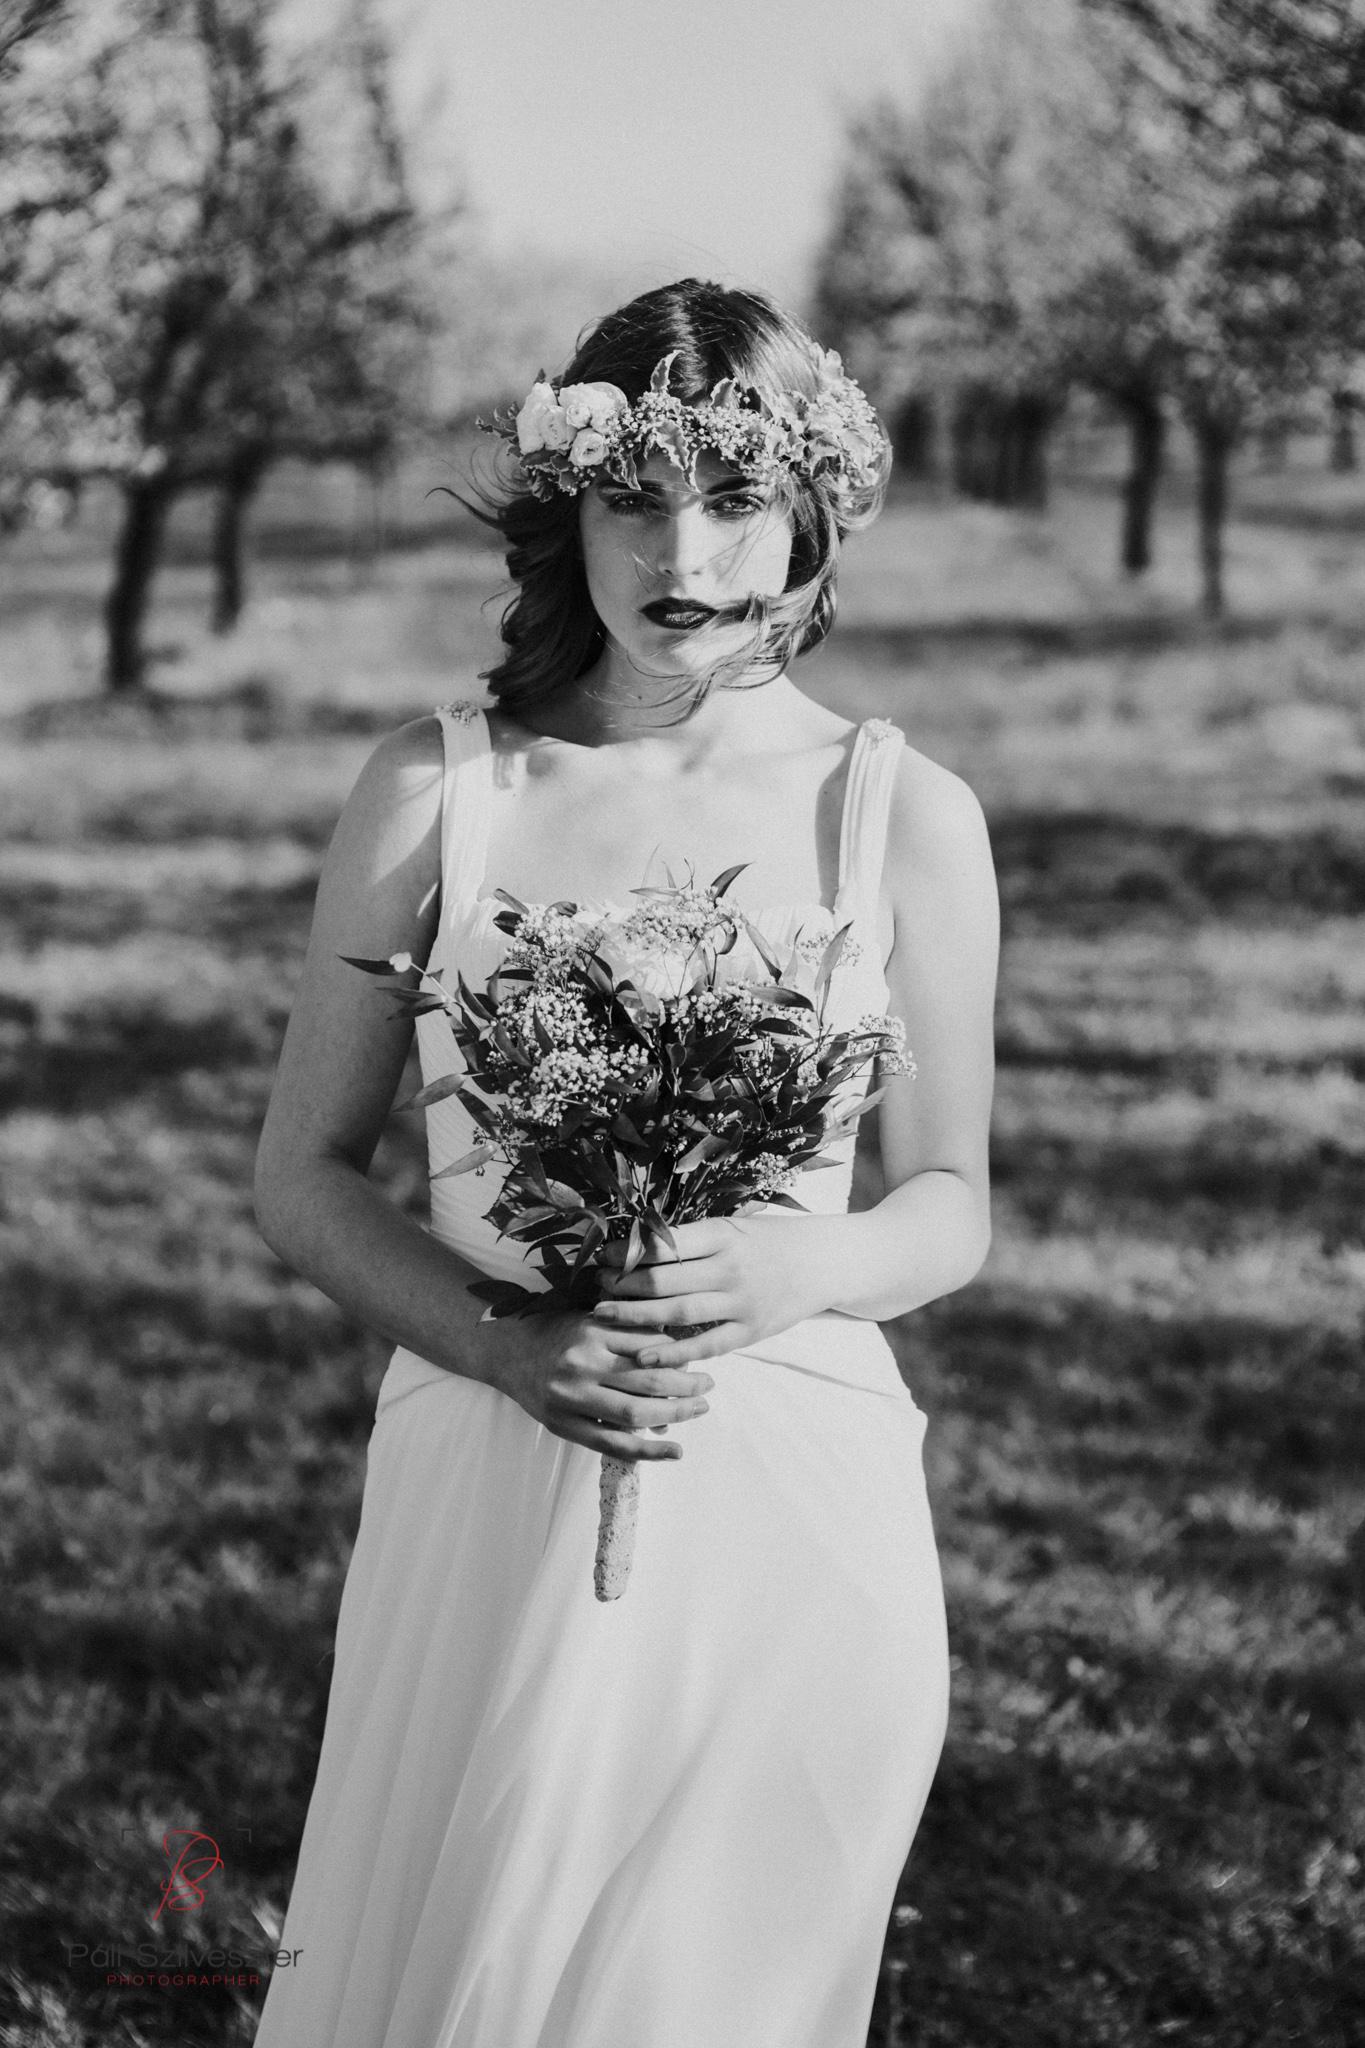 Páli-Szilveszter-székesfehérvári-esküvői-fotós-velence-barackos-2016-03-31-2258.jpg